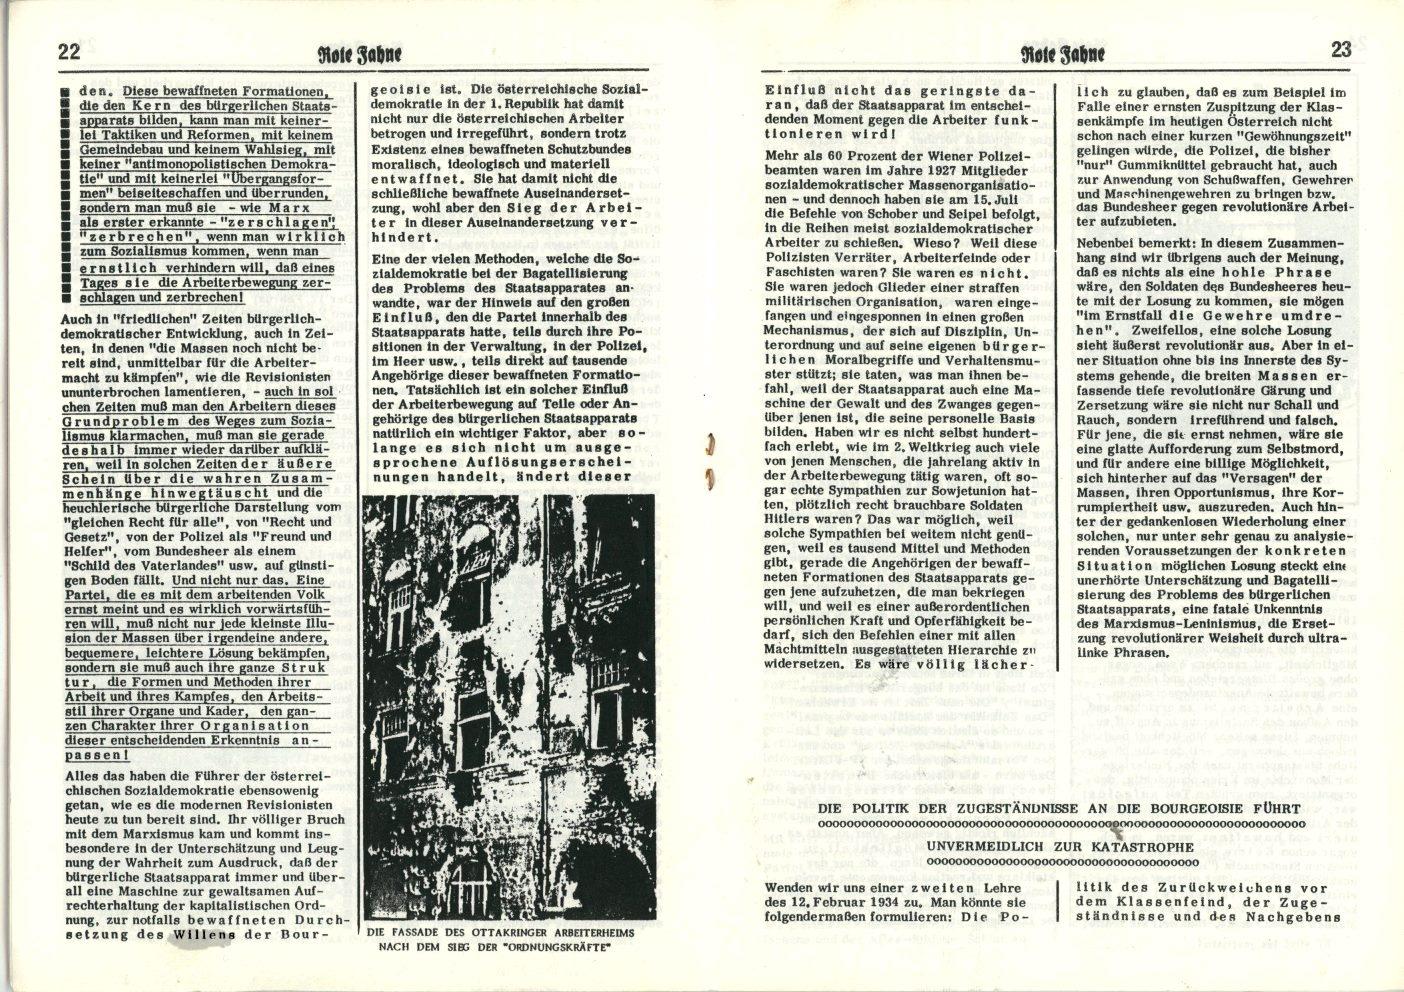 MLPOe_Lehren_des_12_Februar_1934_1984_12